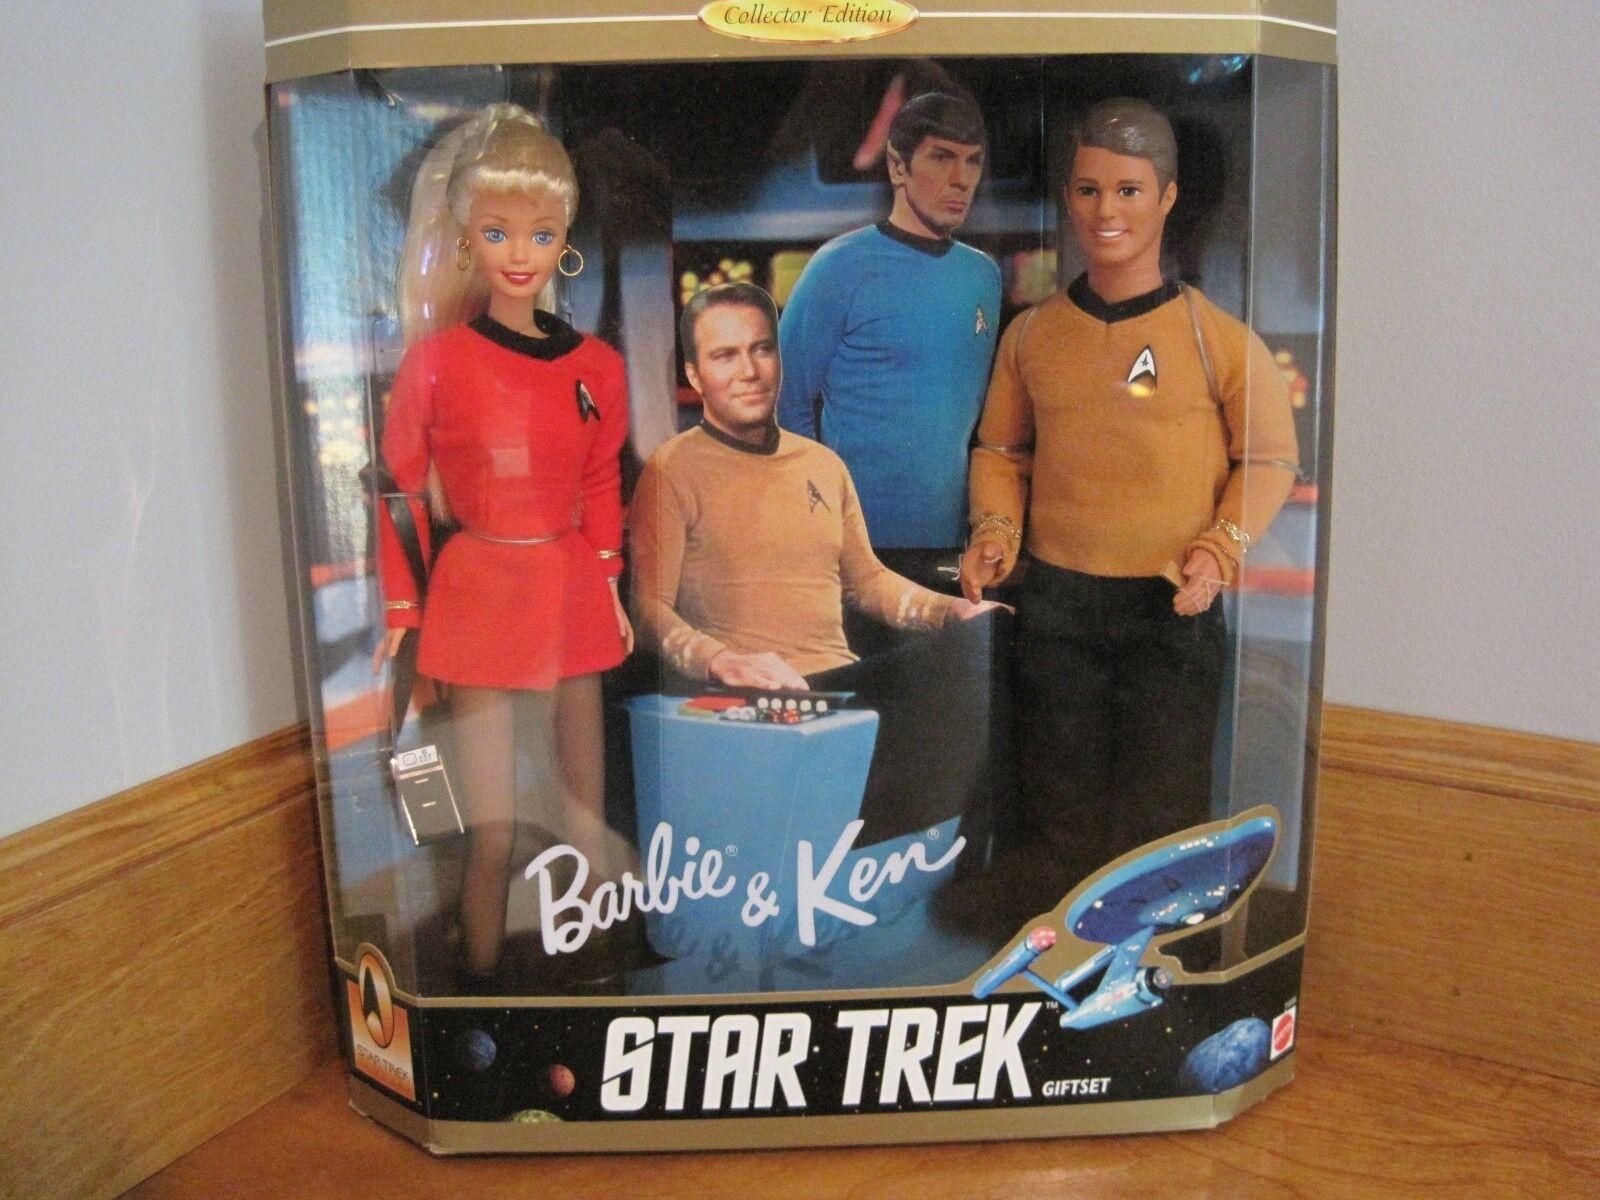 1996 Barbie y Ken Estrella Trek 30TH Aniversario Edición Coleccionista Conjunto de Regalo